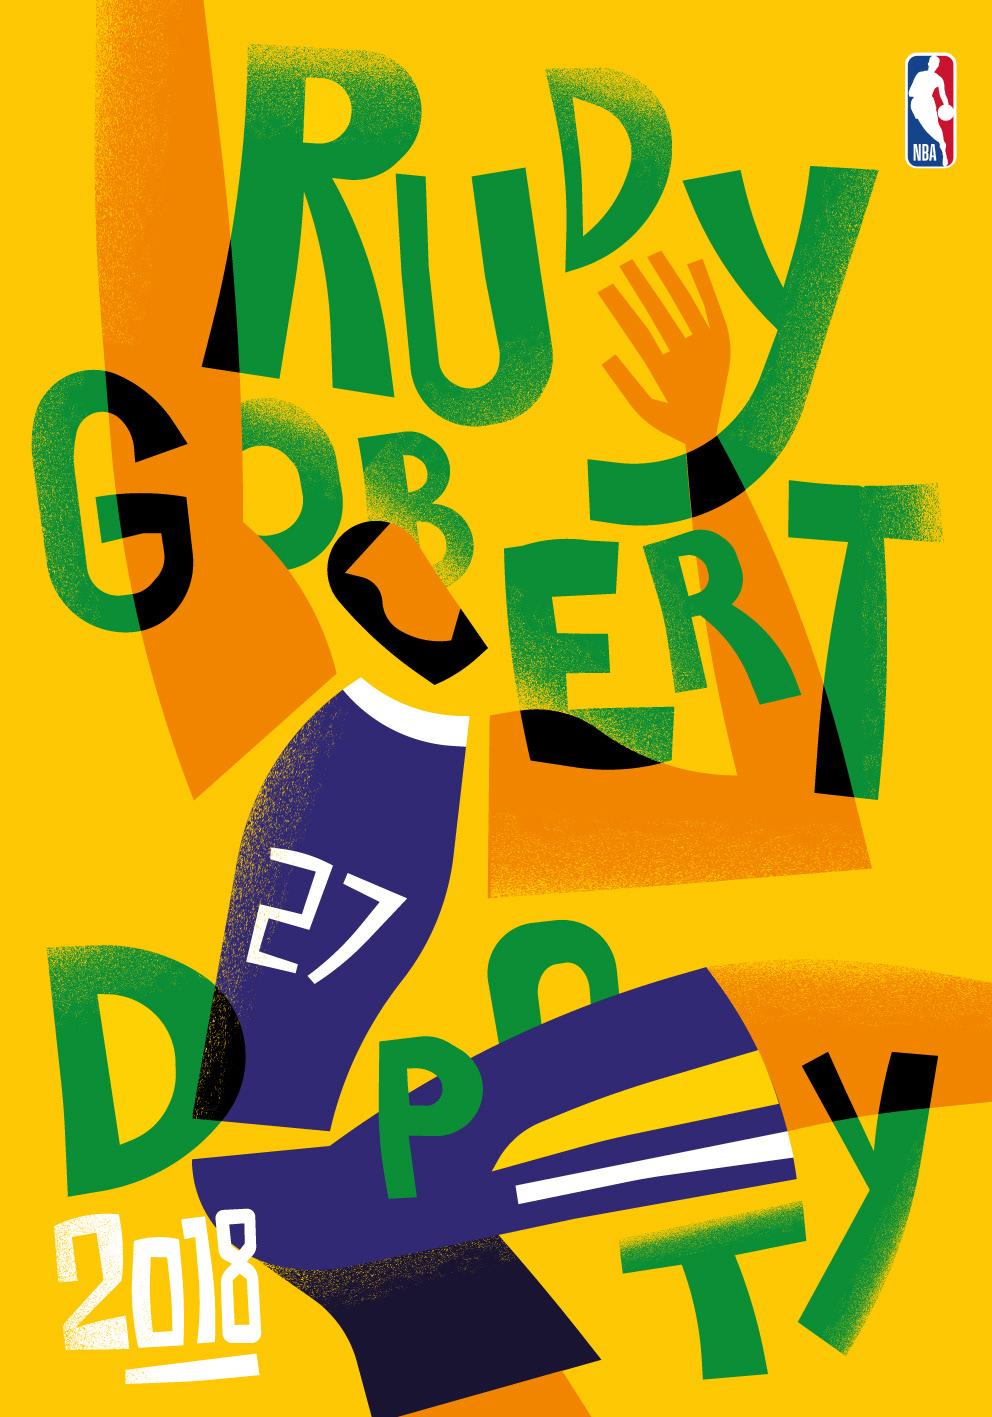 illustrations,poster,series,NBA,Jamesharden,illustrated,SportIllustrations,ESPN,nbaawards,basketball